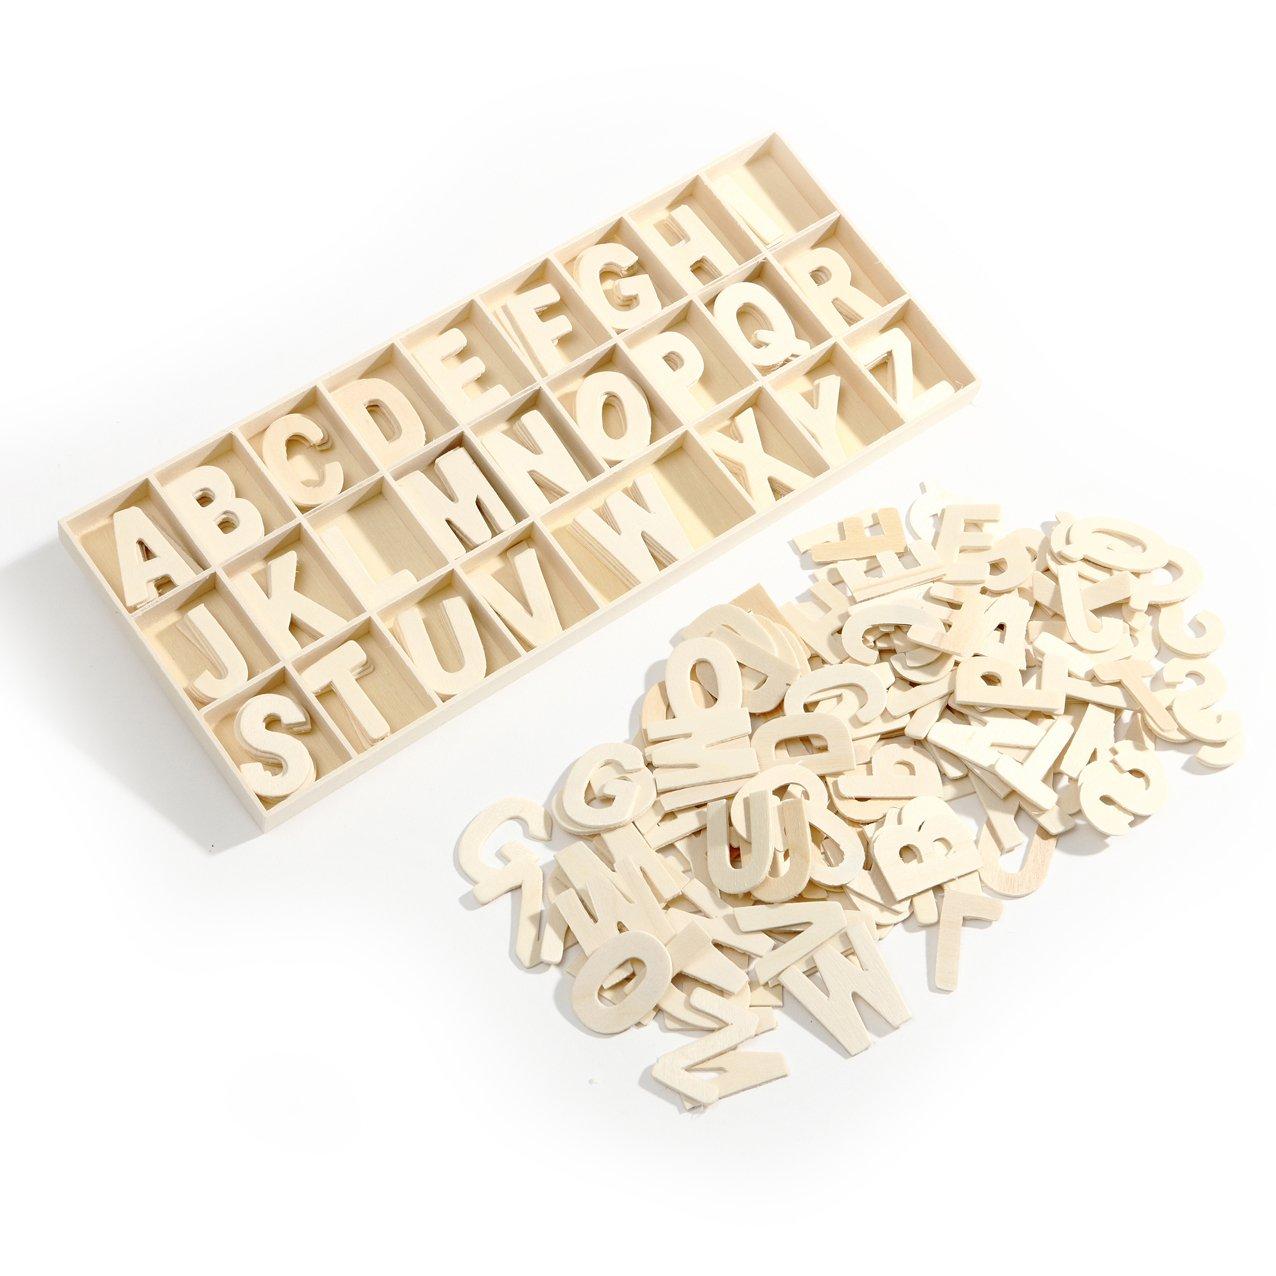 130 plain wooden large alphabet upper case 30mm letters amazoncouk toys games